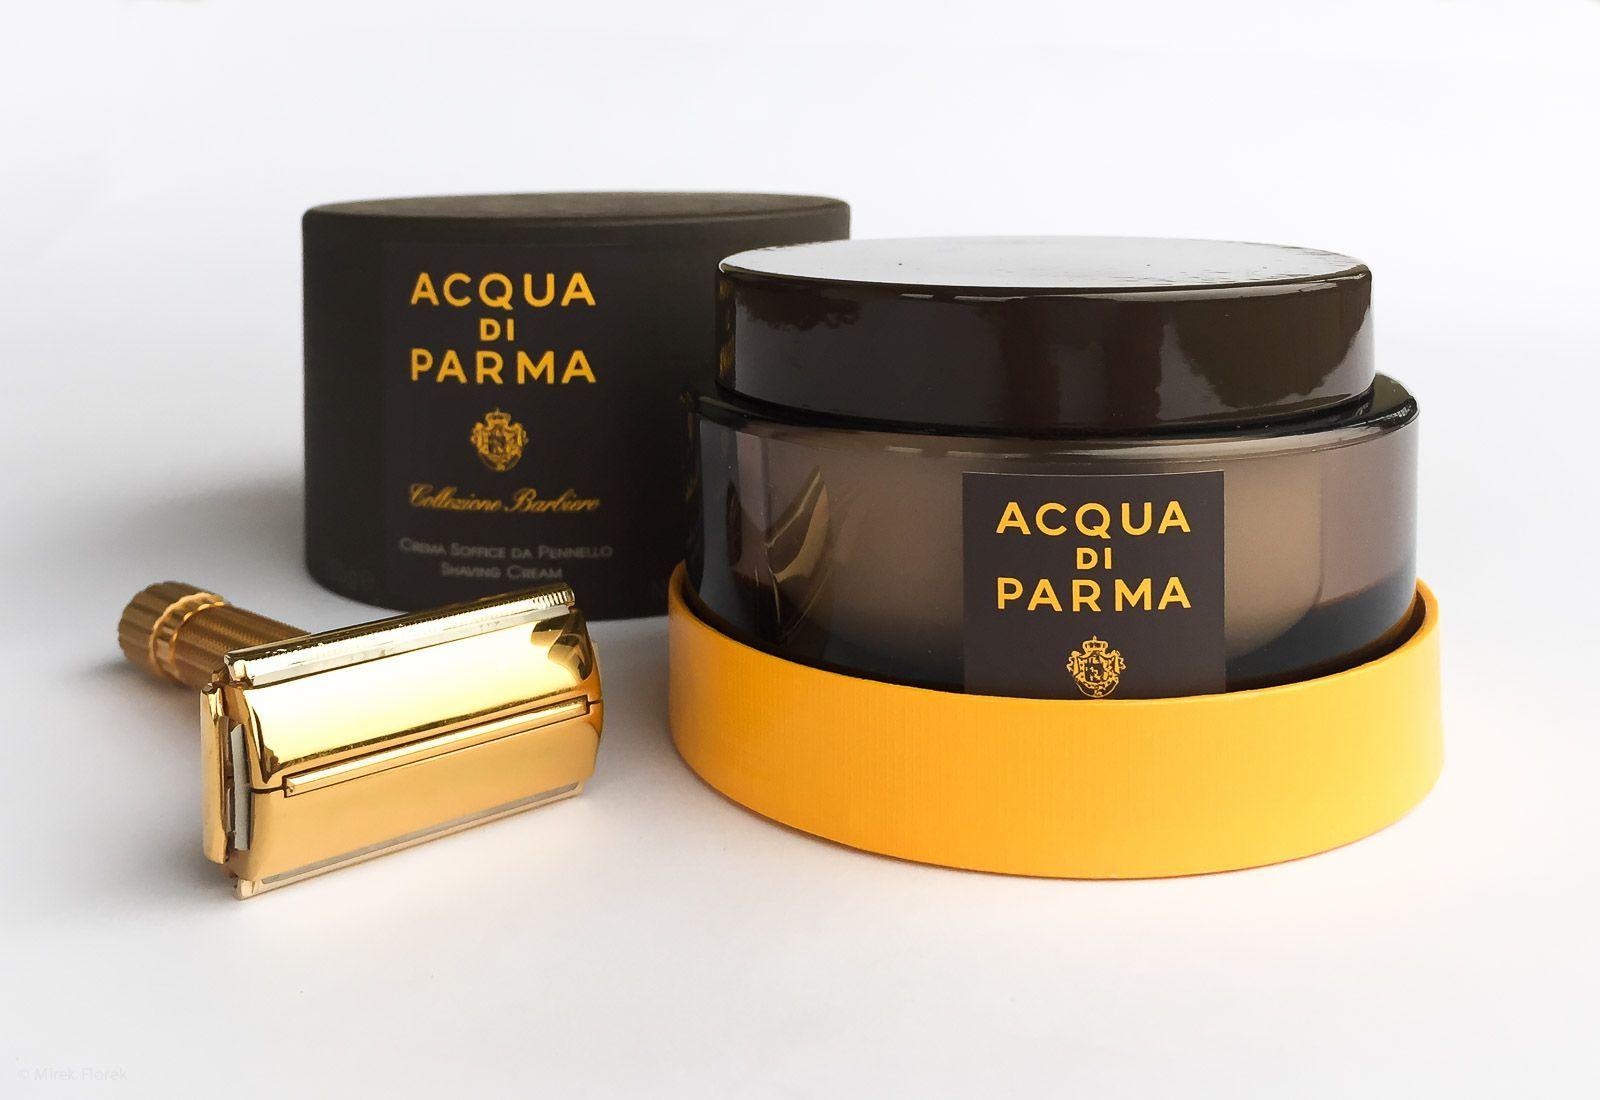 Opakowanie kremu do golenia Acqua di Parma Colezzione Berbiere